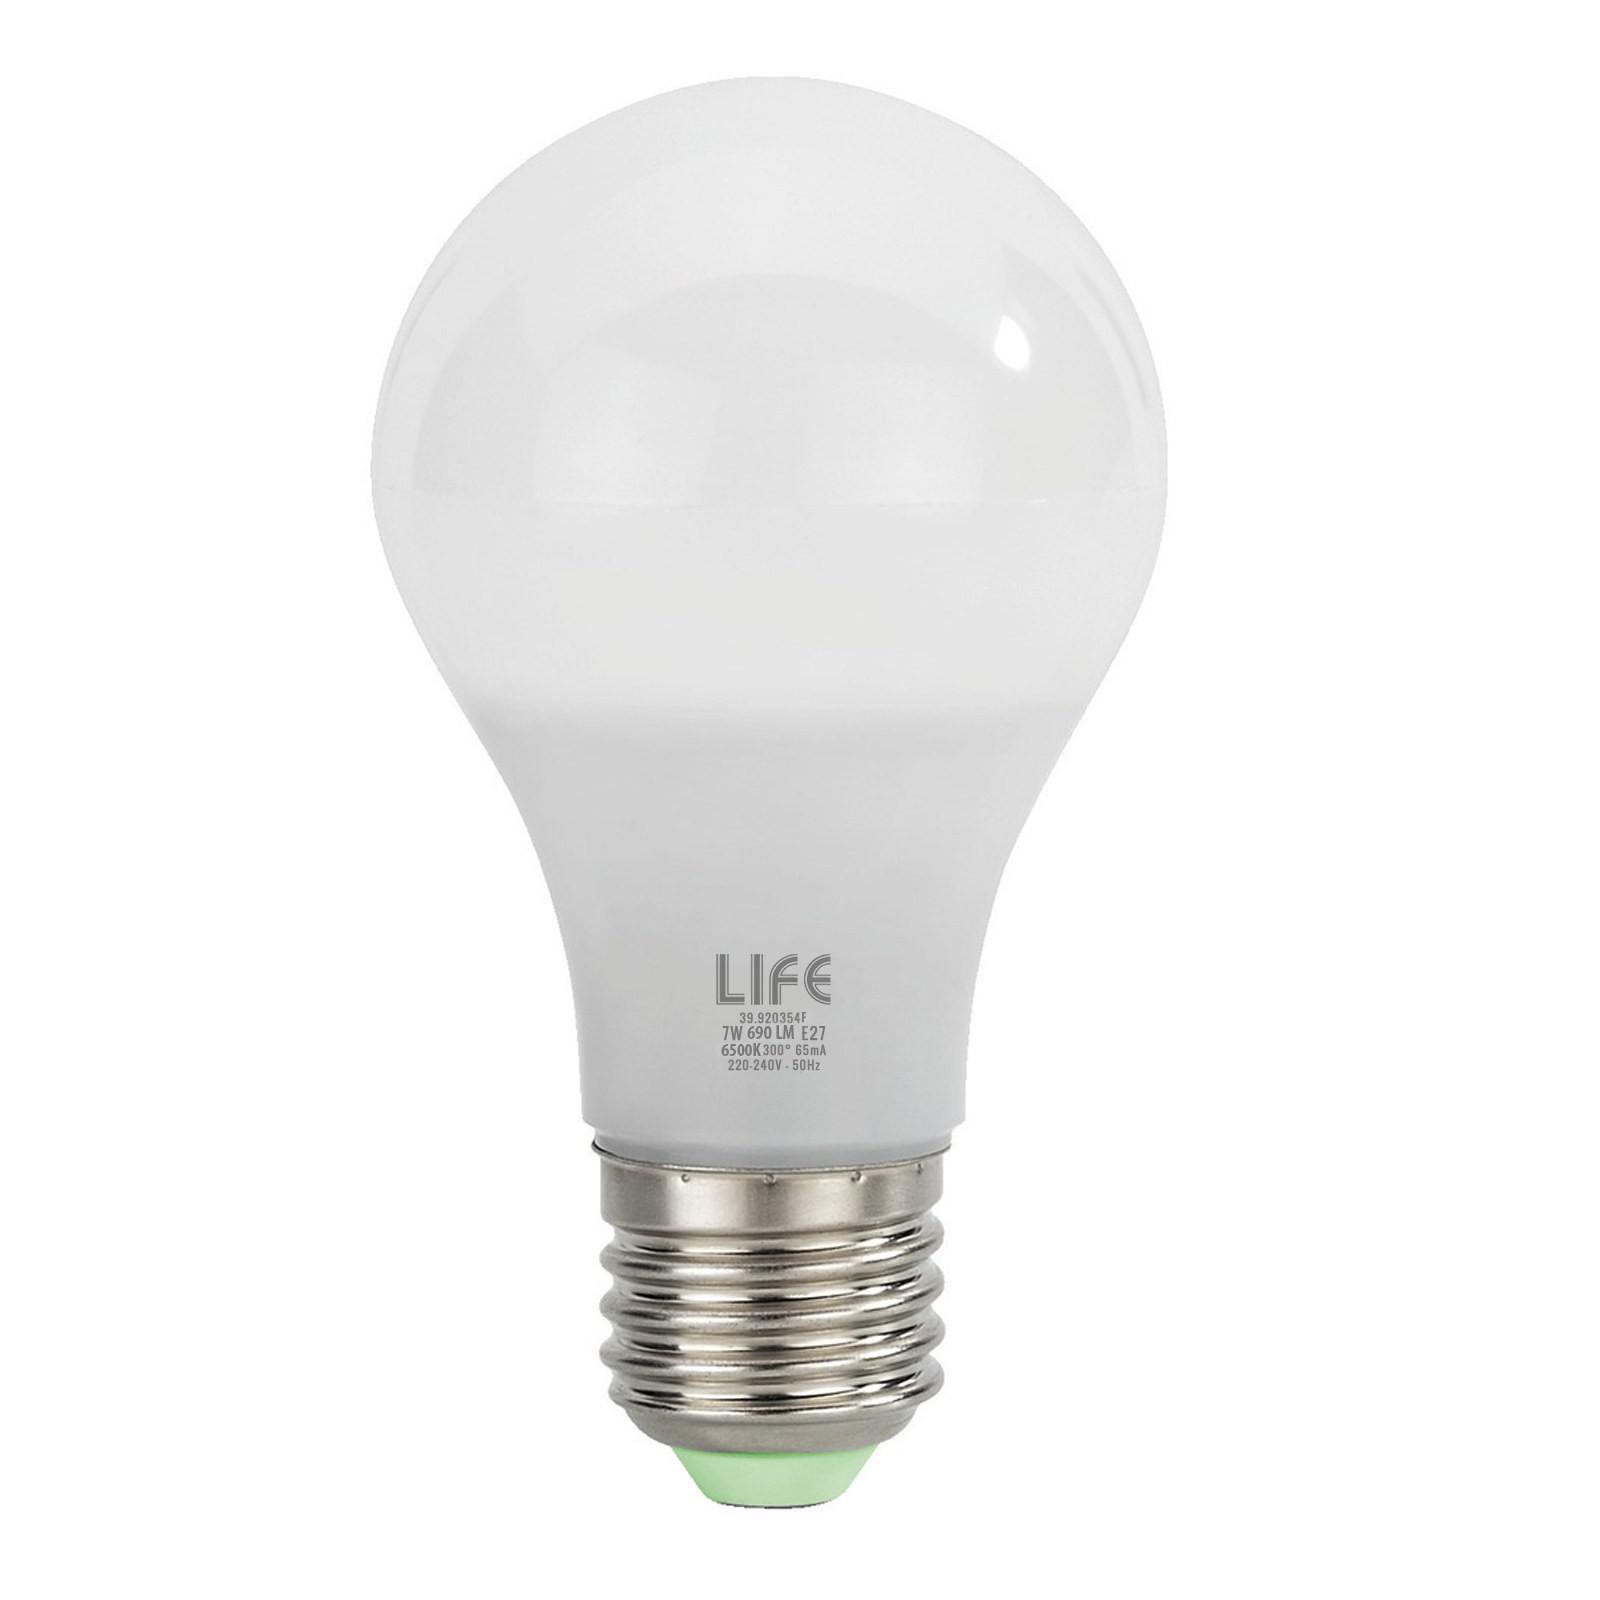 Lampada lampadina e27 led smd life goccia luce bianca for Luce bianca led